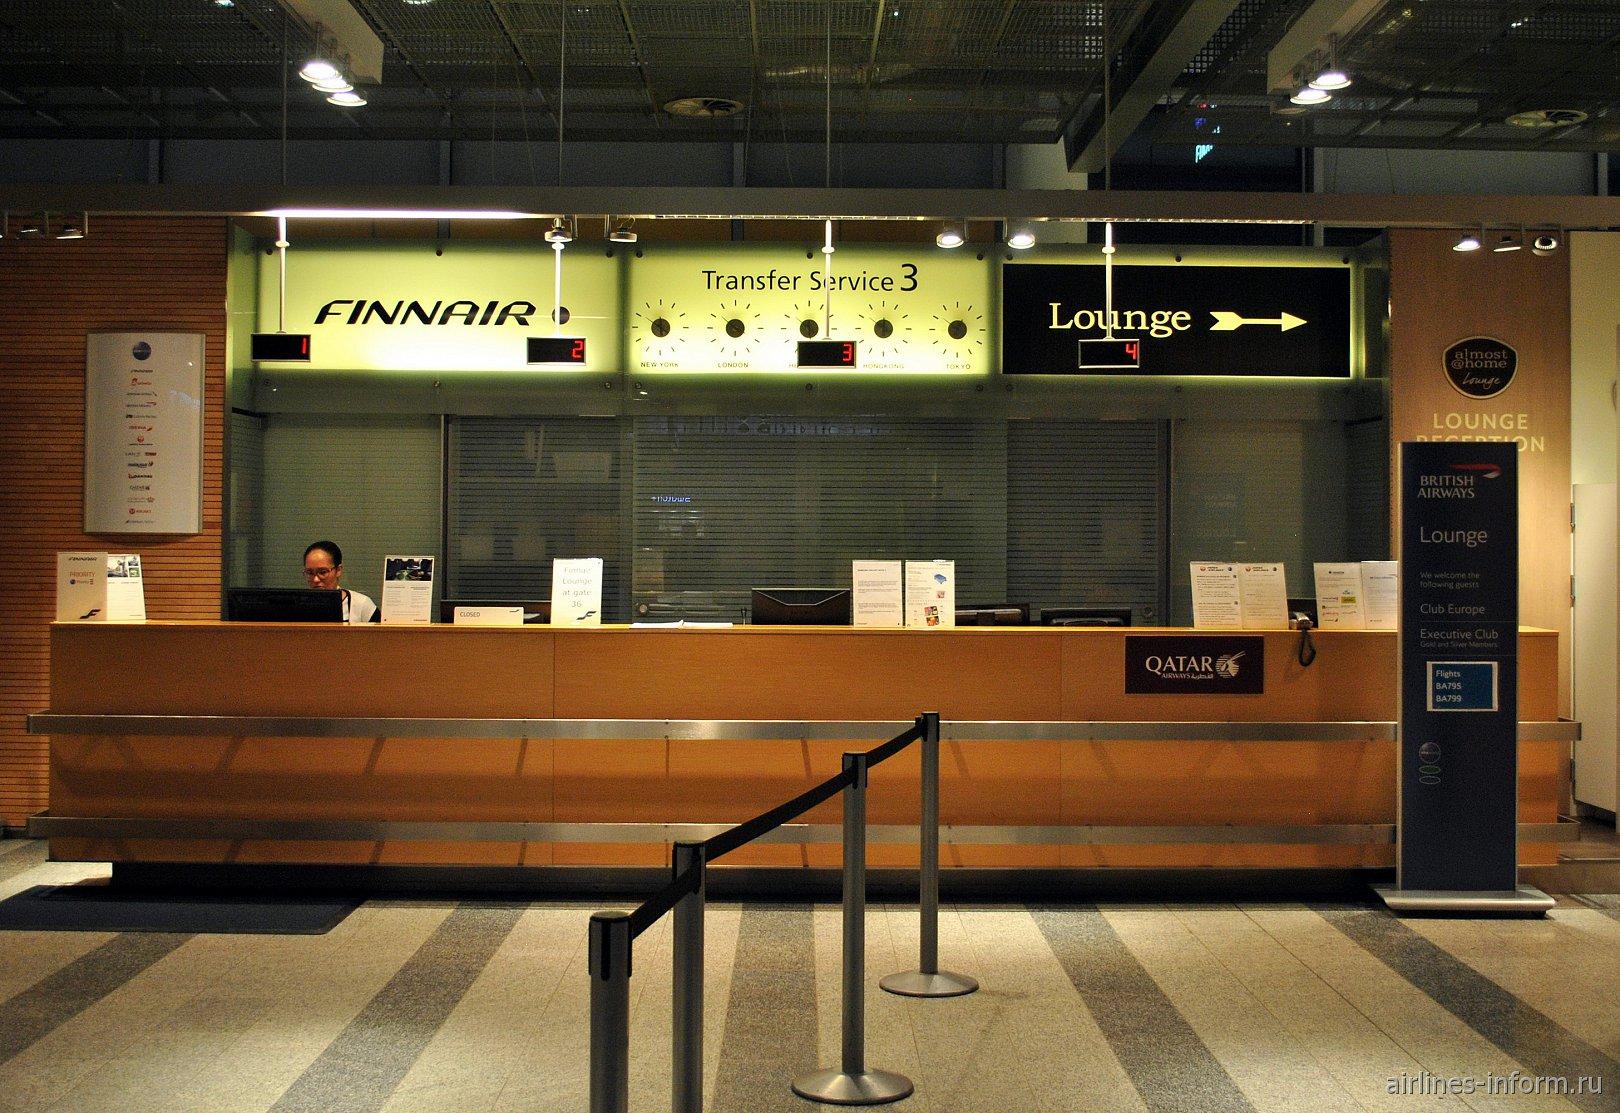 Трансферная стойка Finnair в терминале Т2 аэропорта Хельсинки Вантаа